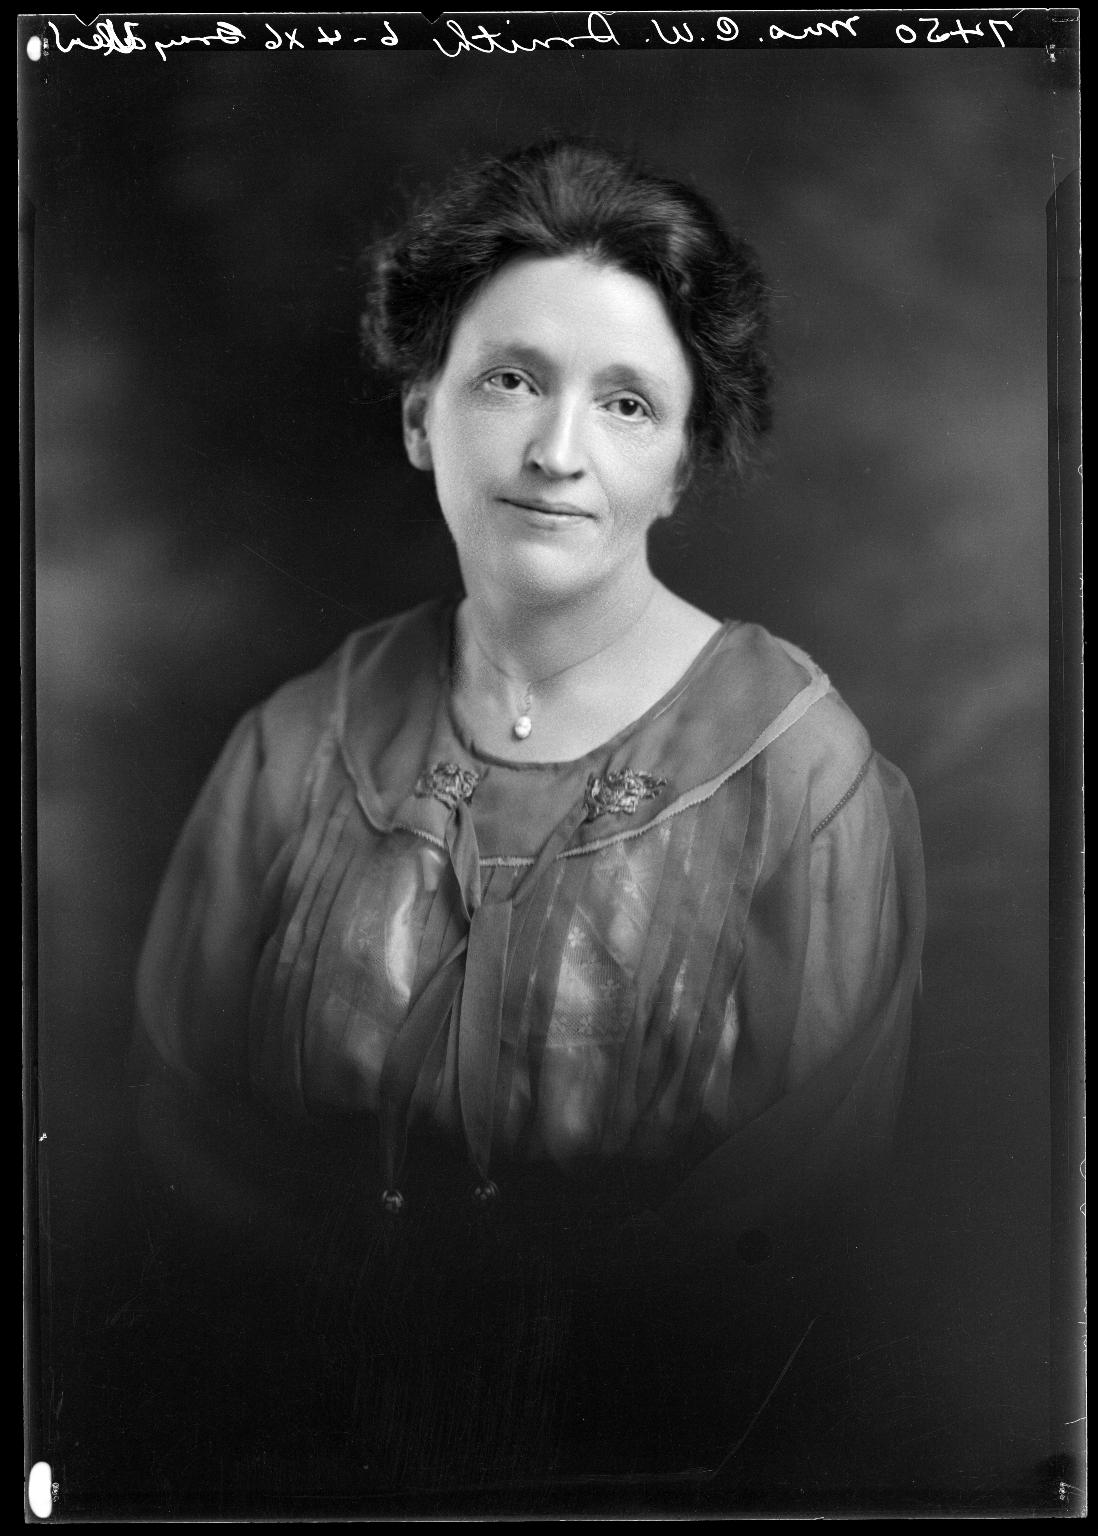 Portrait of Mrs. C. W. Smith